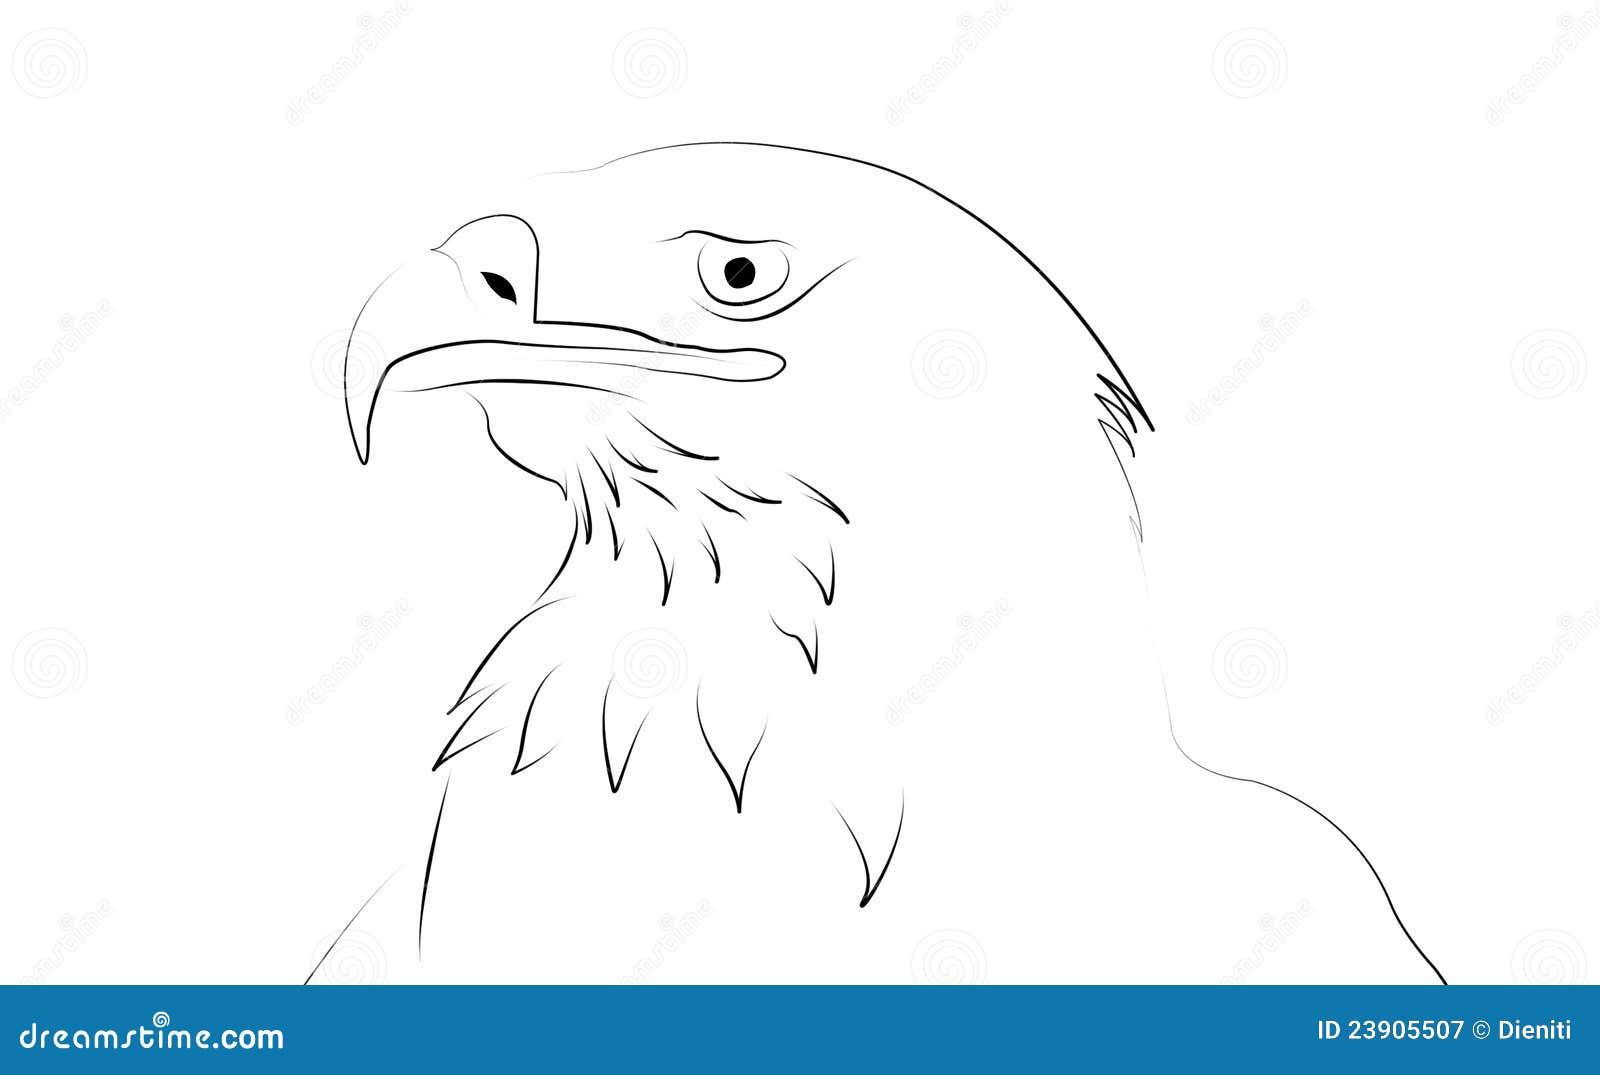 Adler als Strichzeichnung